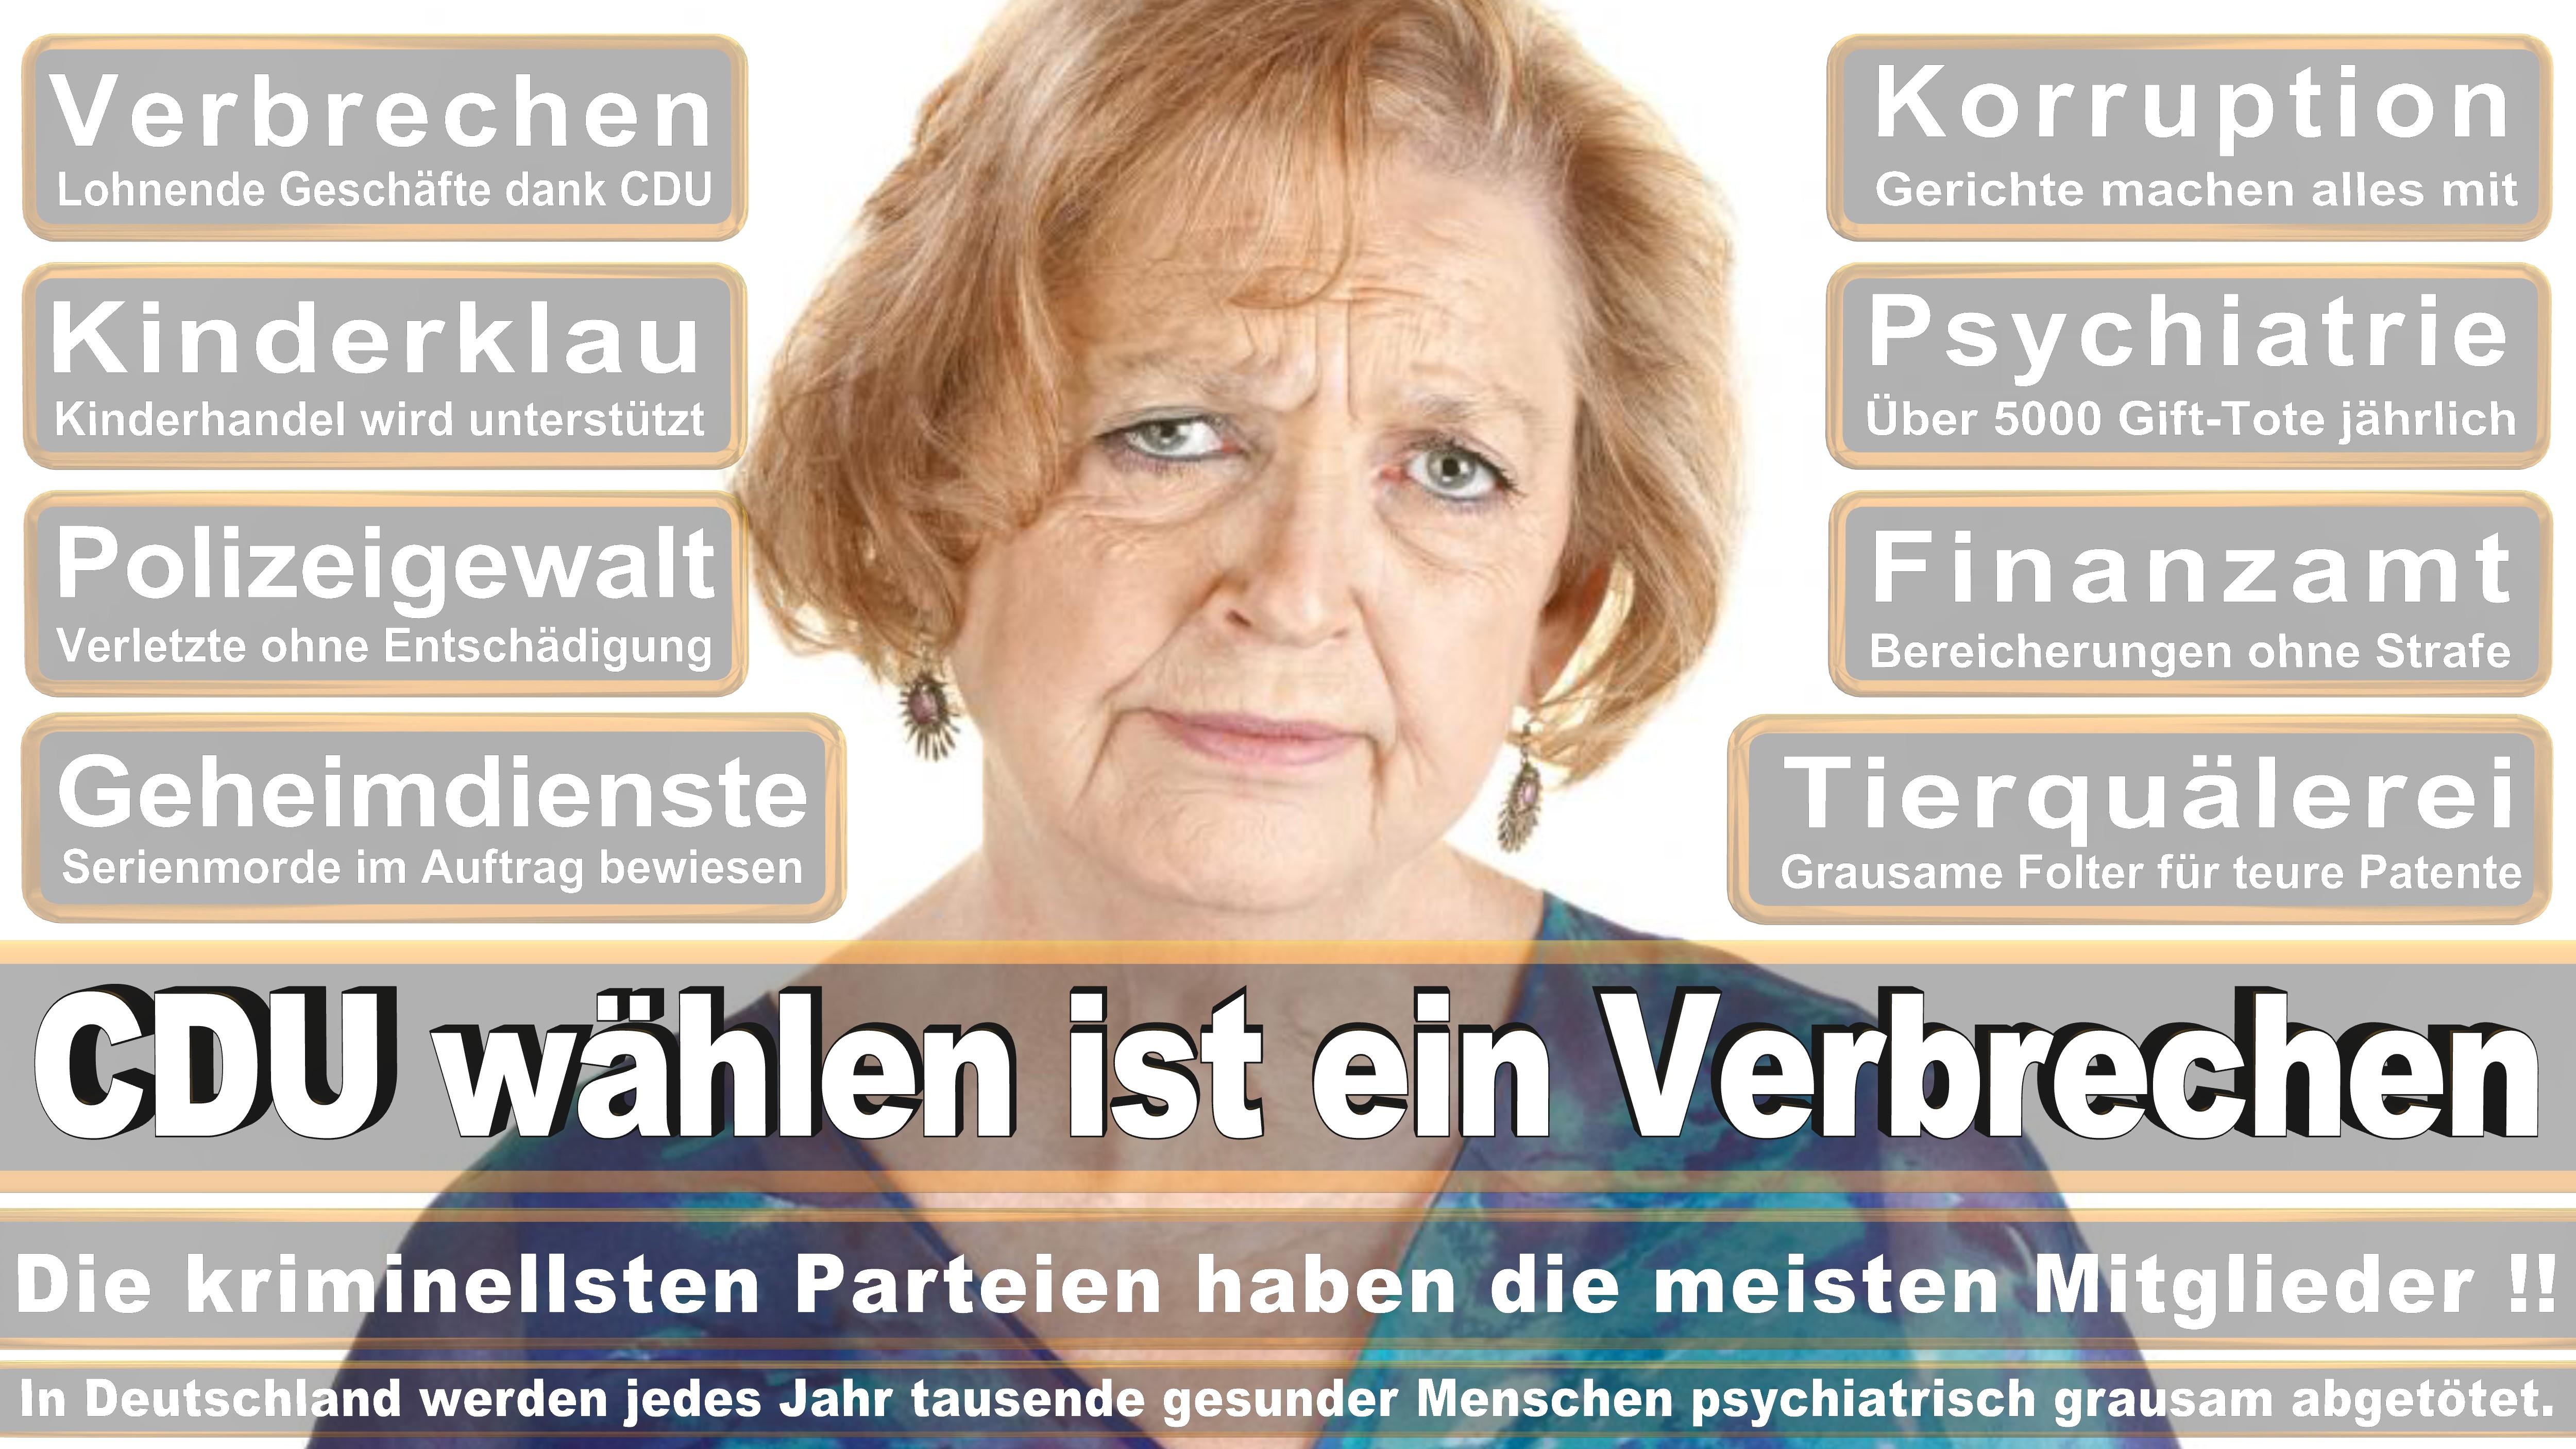 Enak Ferlemann CDU CSU Politiker